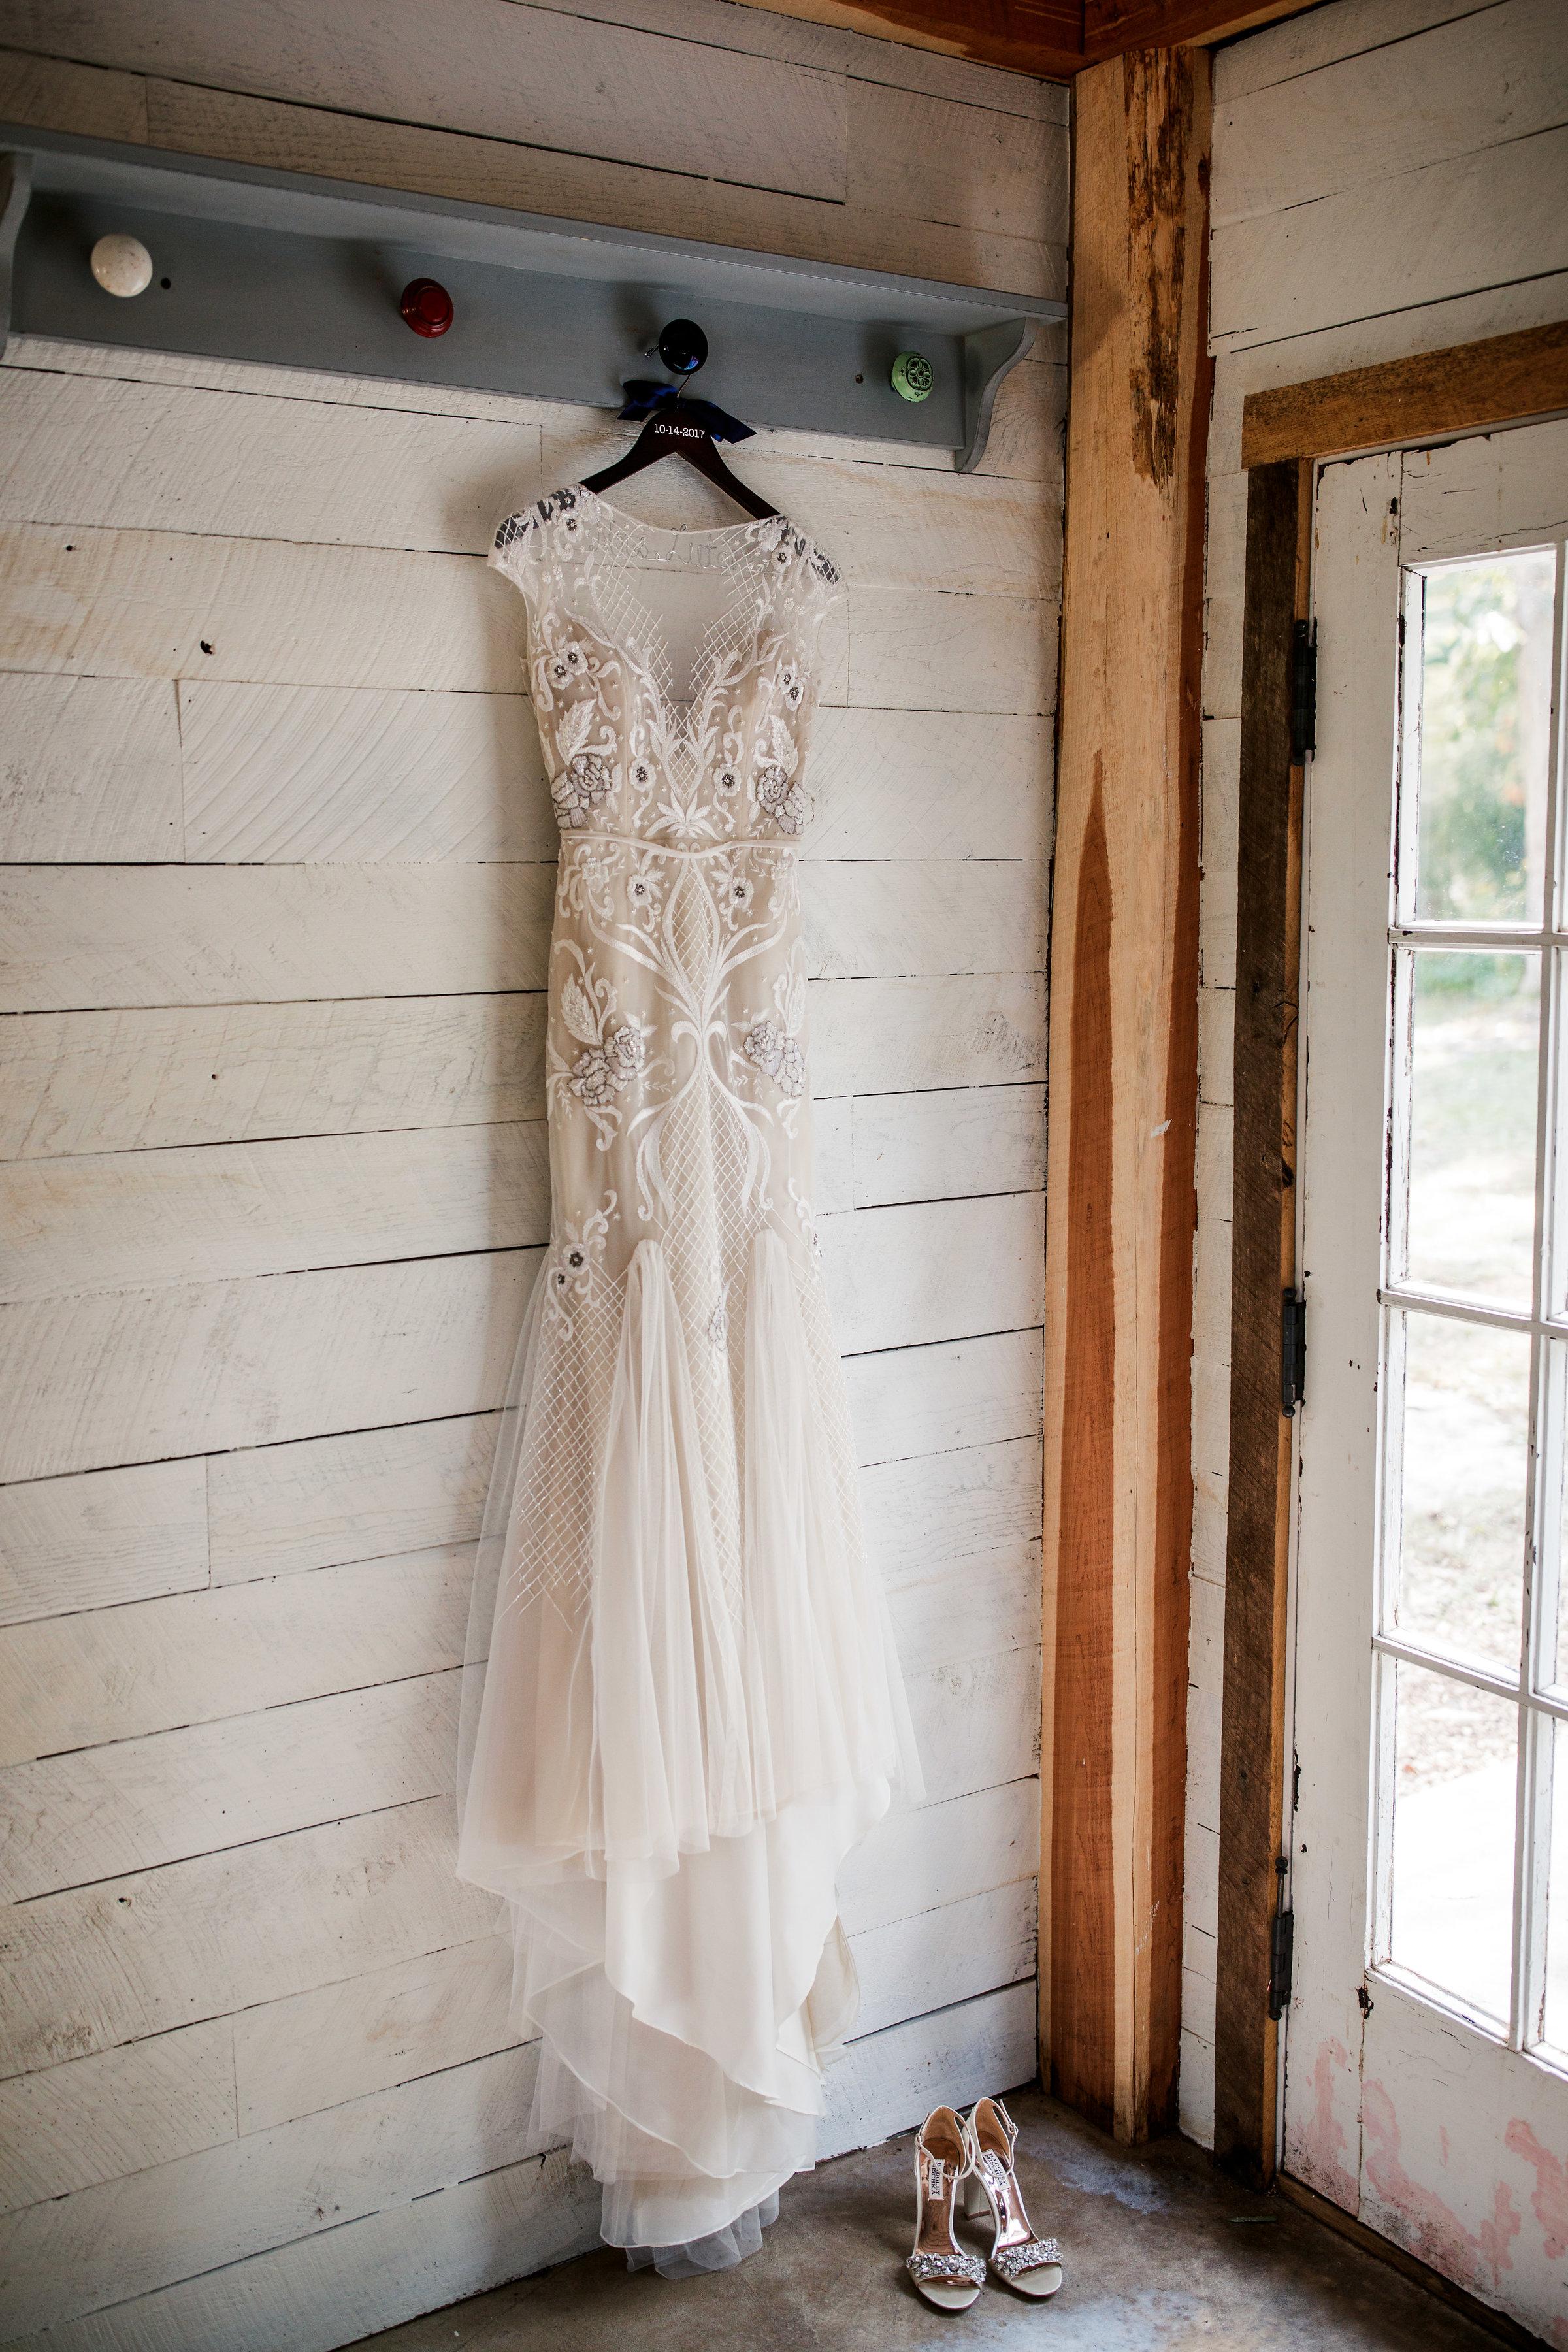 Wrens-Nest-Wedding-Murfreesboro-TN 4.jpg